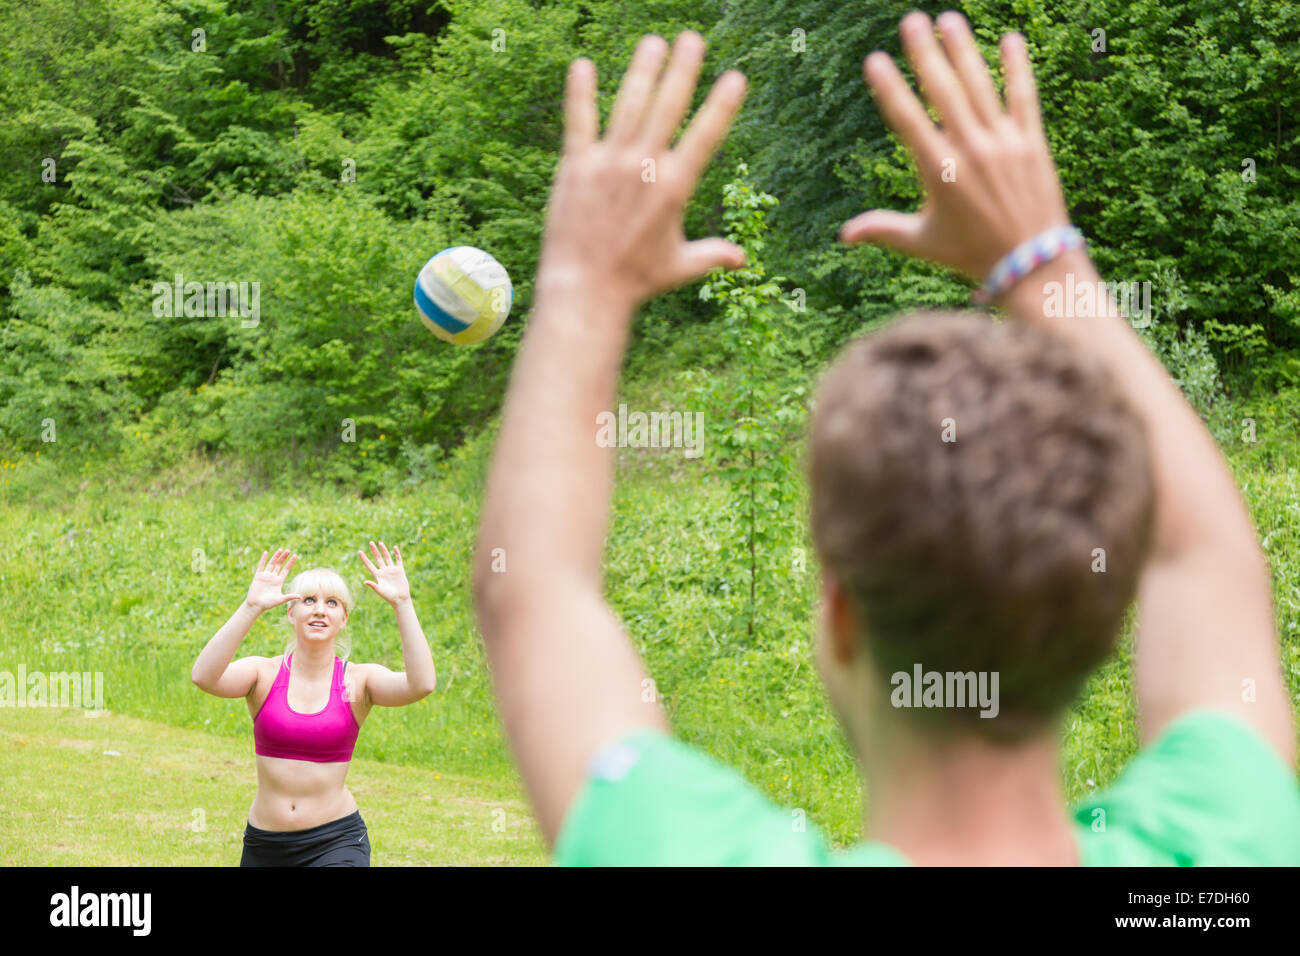 Pareja joven jugando voleibol en el parque. Imagen De Stock